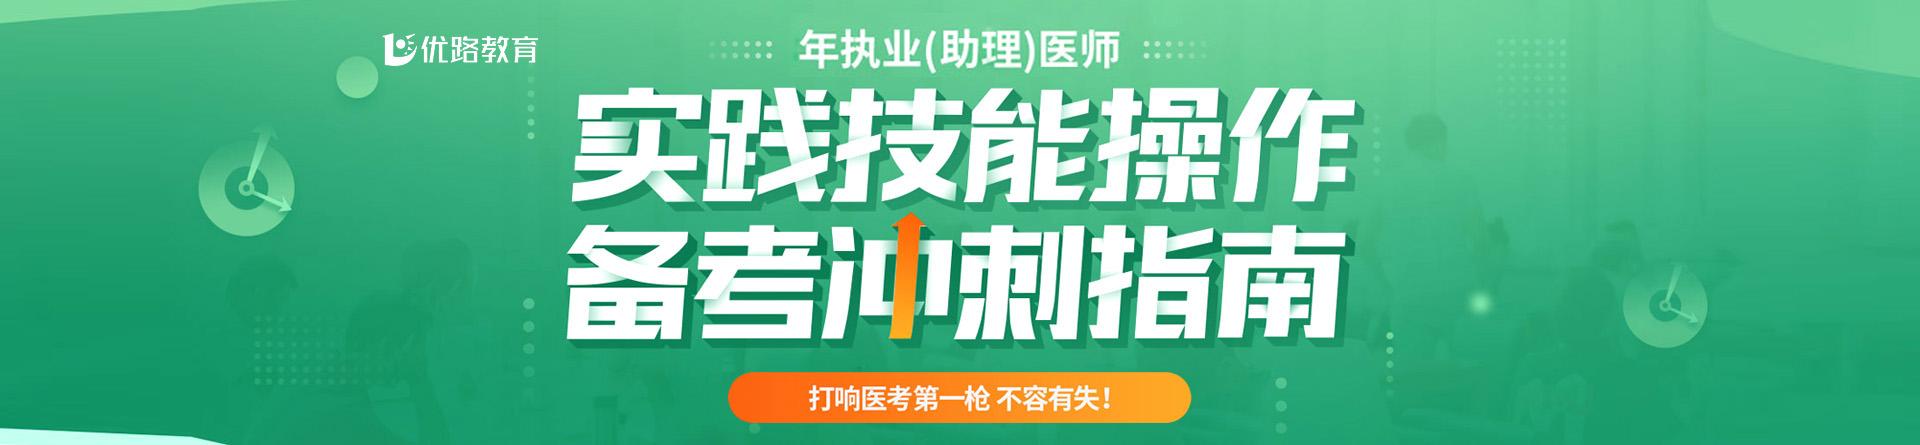 贵州铜仁优路教育培训学校